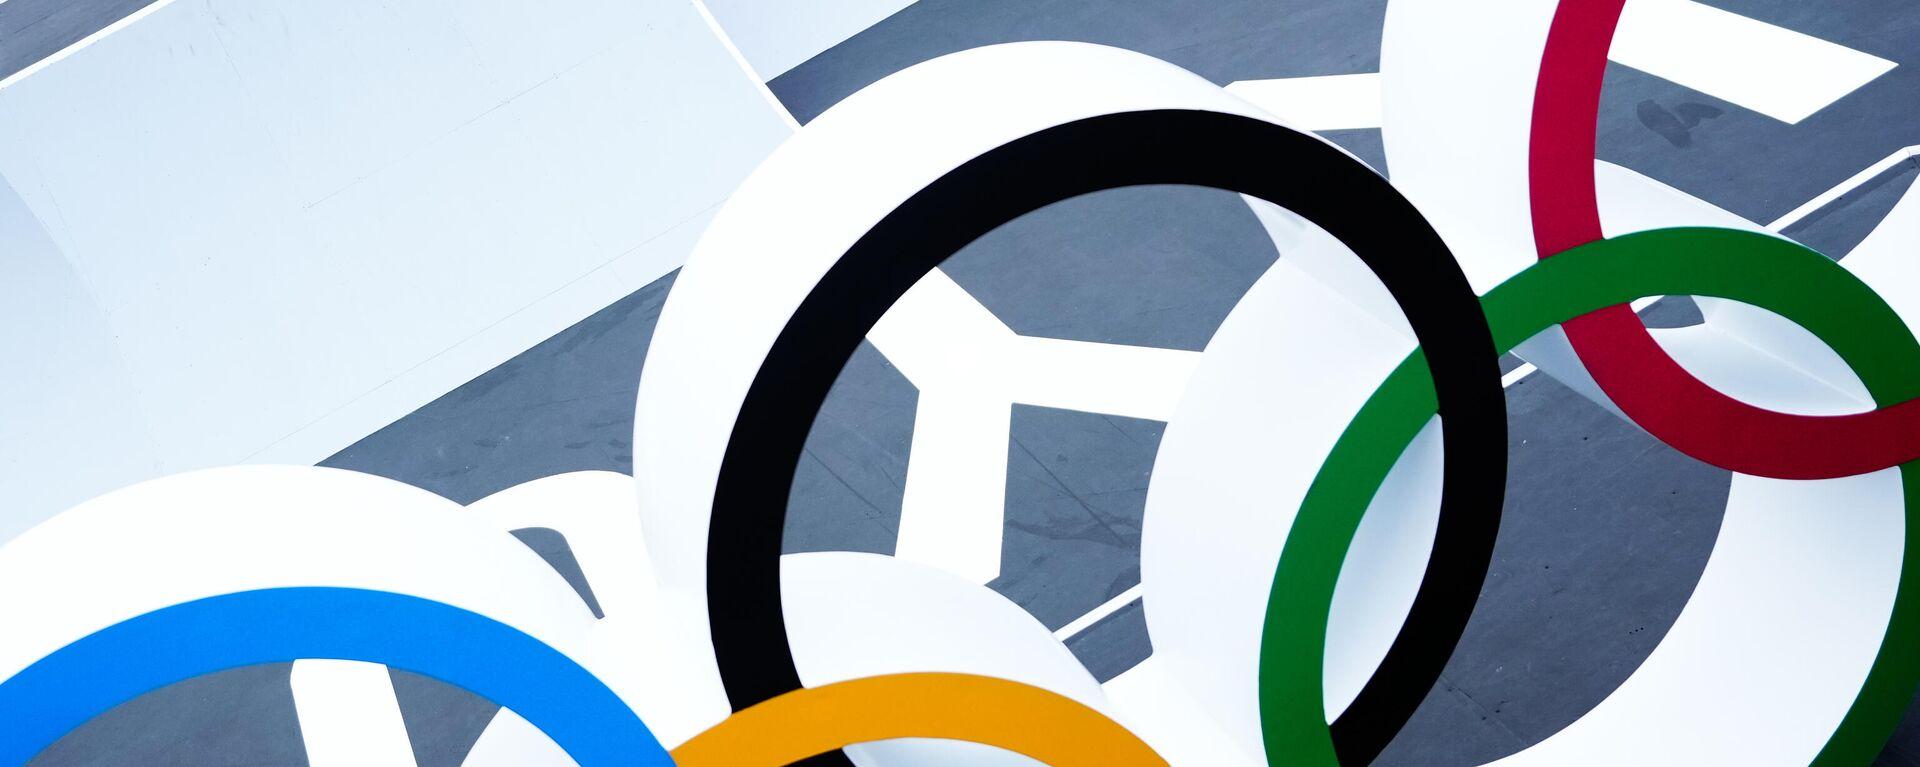 Олимпийские кольца - Sputnik Таджикистан, 1920, 09.08.2021